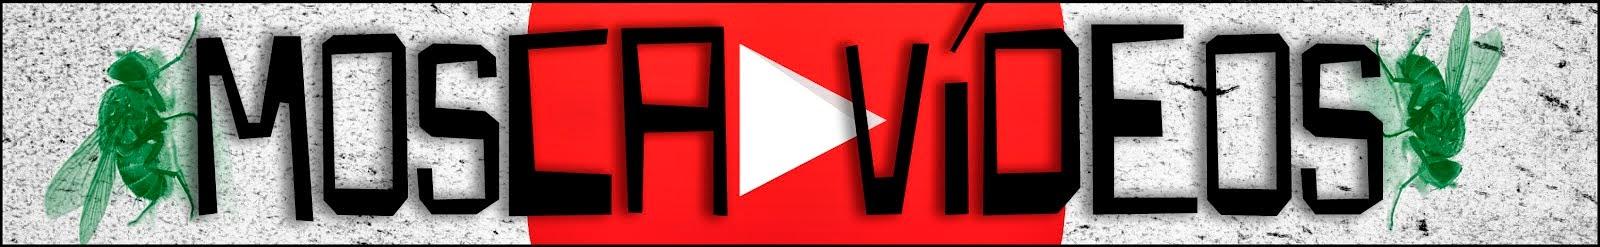 Mosca Vídeos